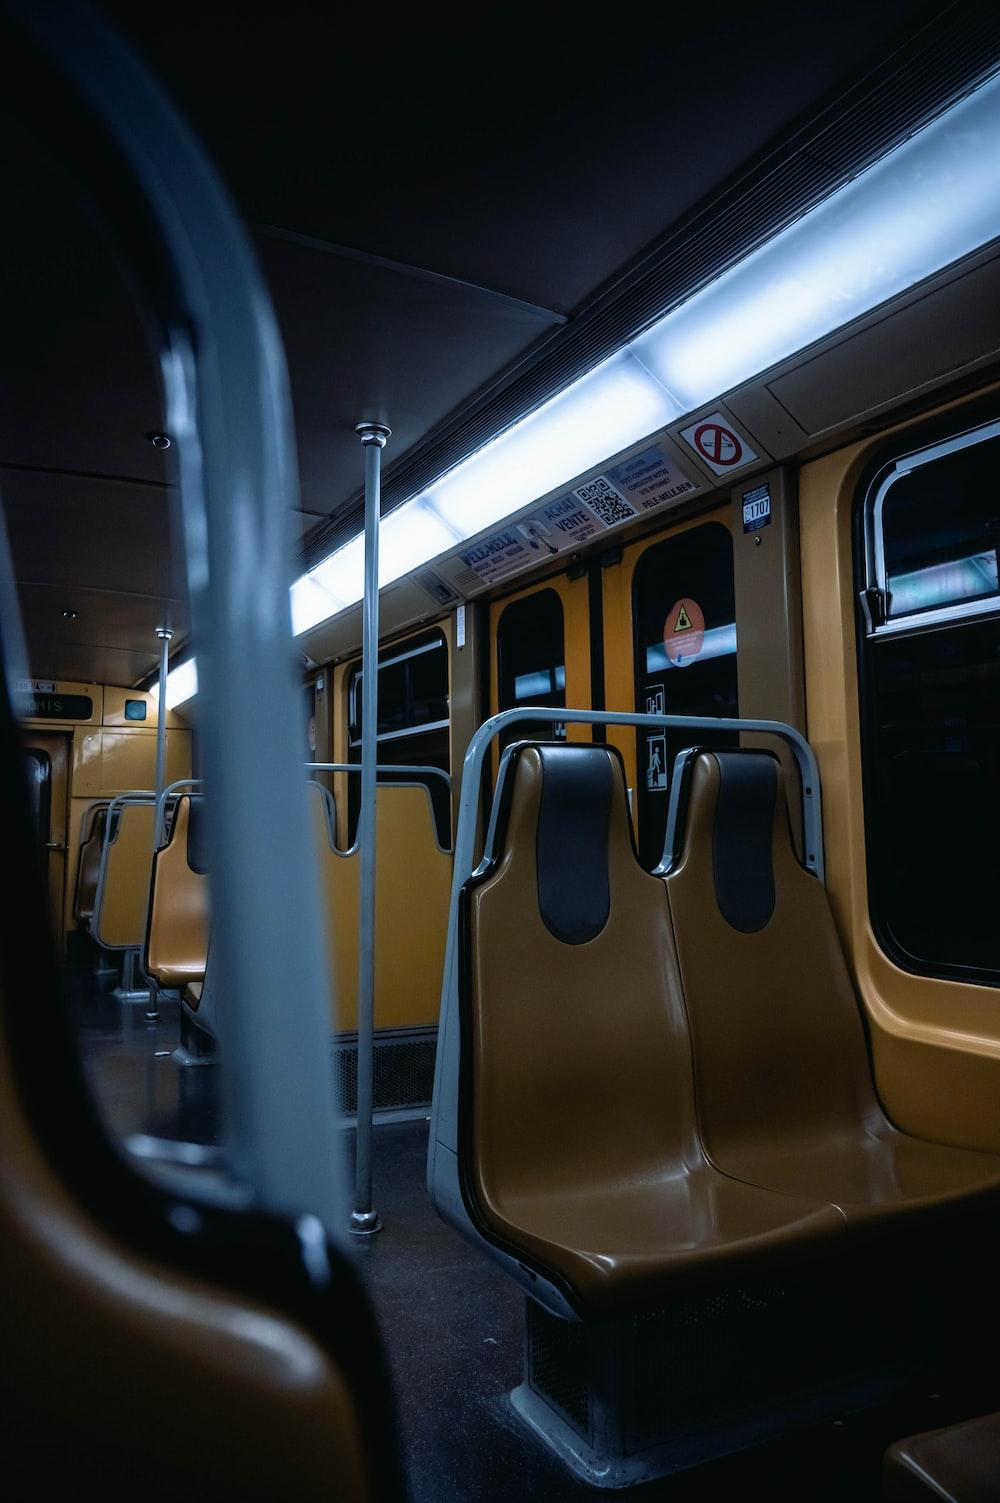 black and yellow train door